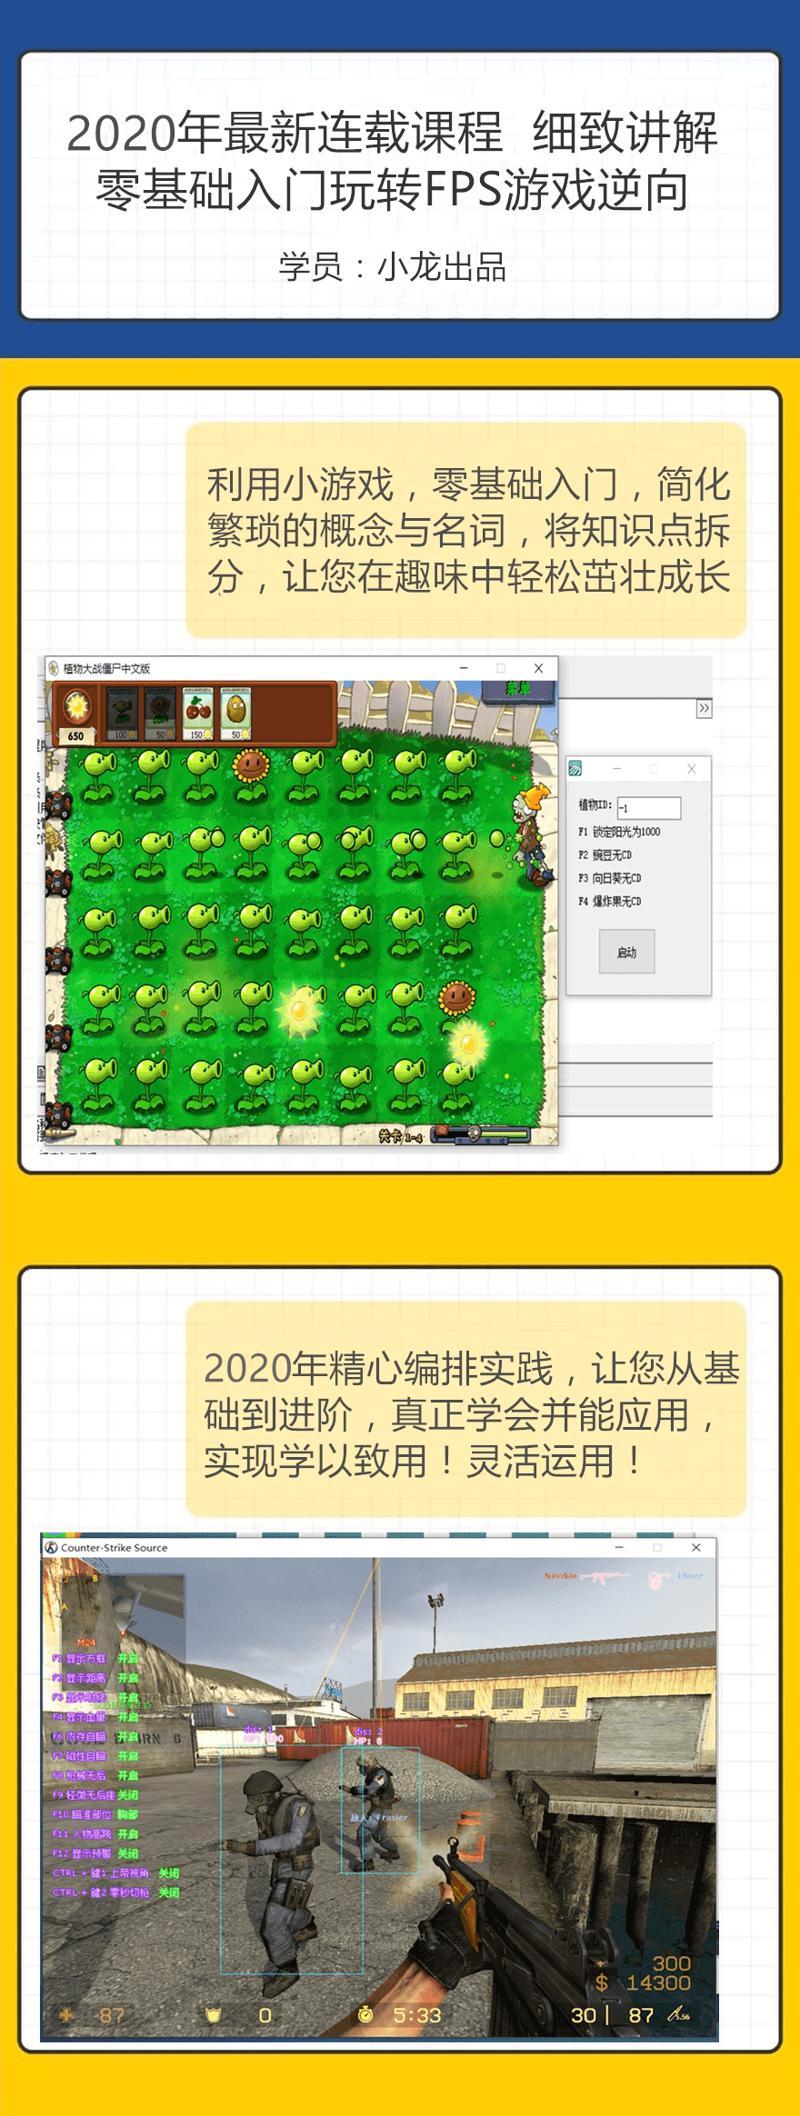 游戏安全逆向工程师 : 零基础入门玩转FPS游戏逆向1.jpg